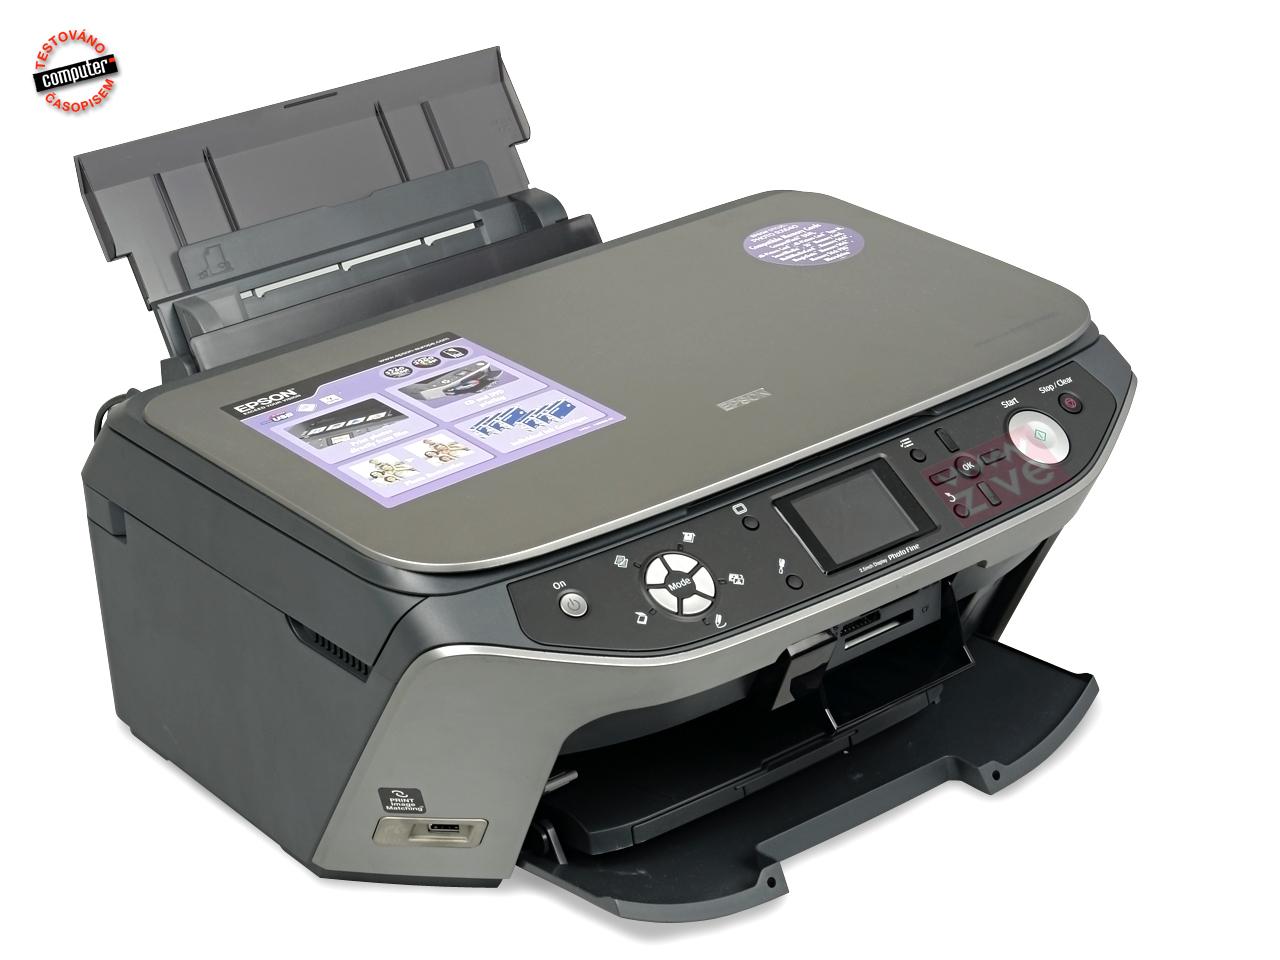 Printer: Epson Stylus Photo RX640 OpenPrinting - The Linux Epson stylus photo rx640